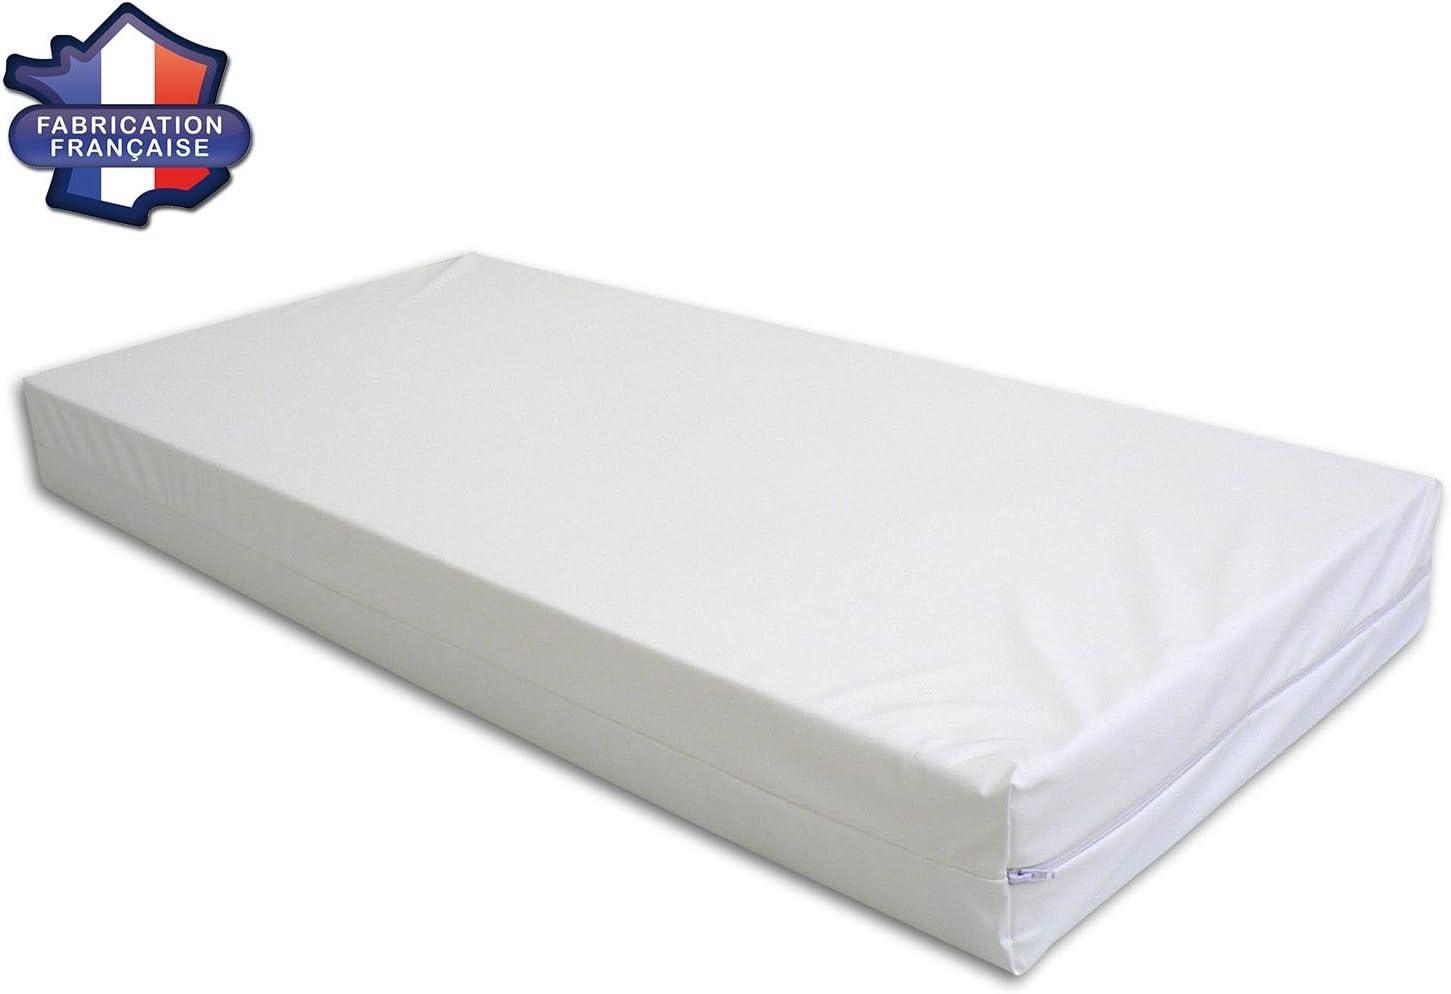 Matelas Imperm/éable d/éhoussable pour lit enfant Fabriqu/é en France 60x120 cm MODULIT